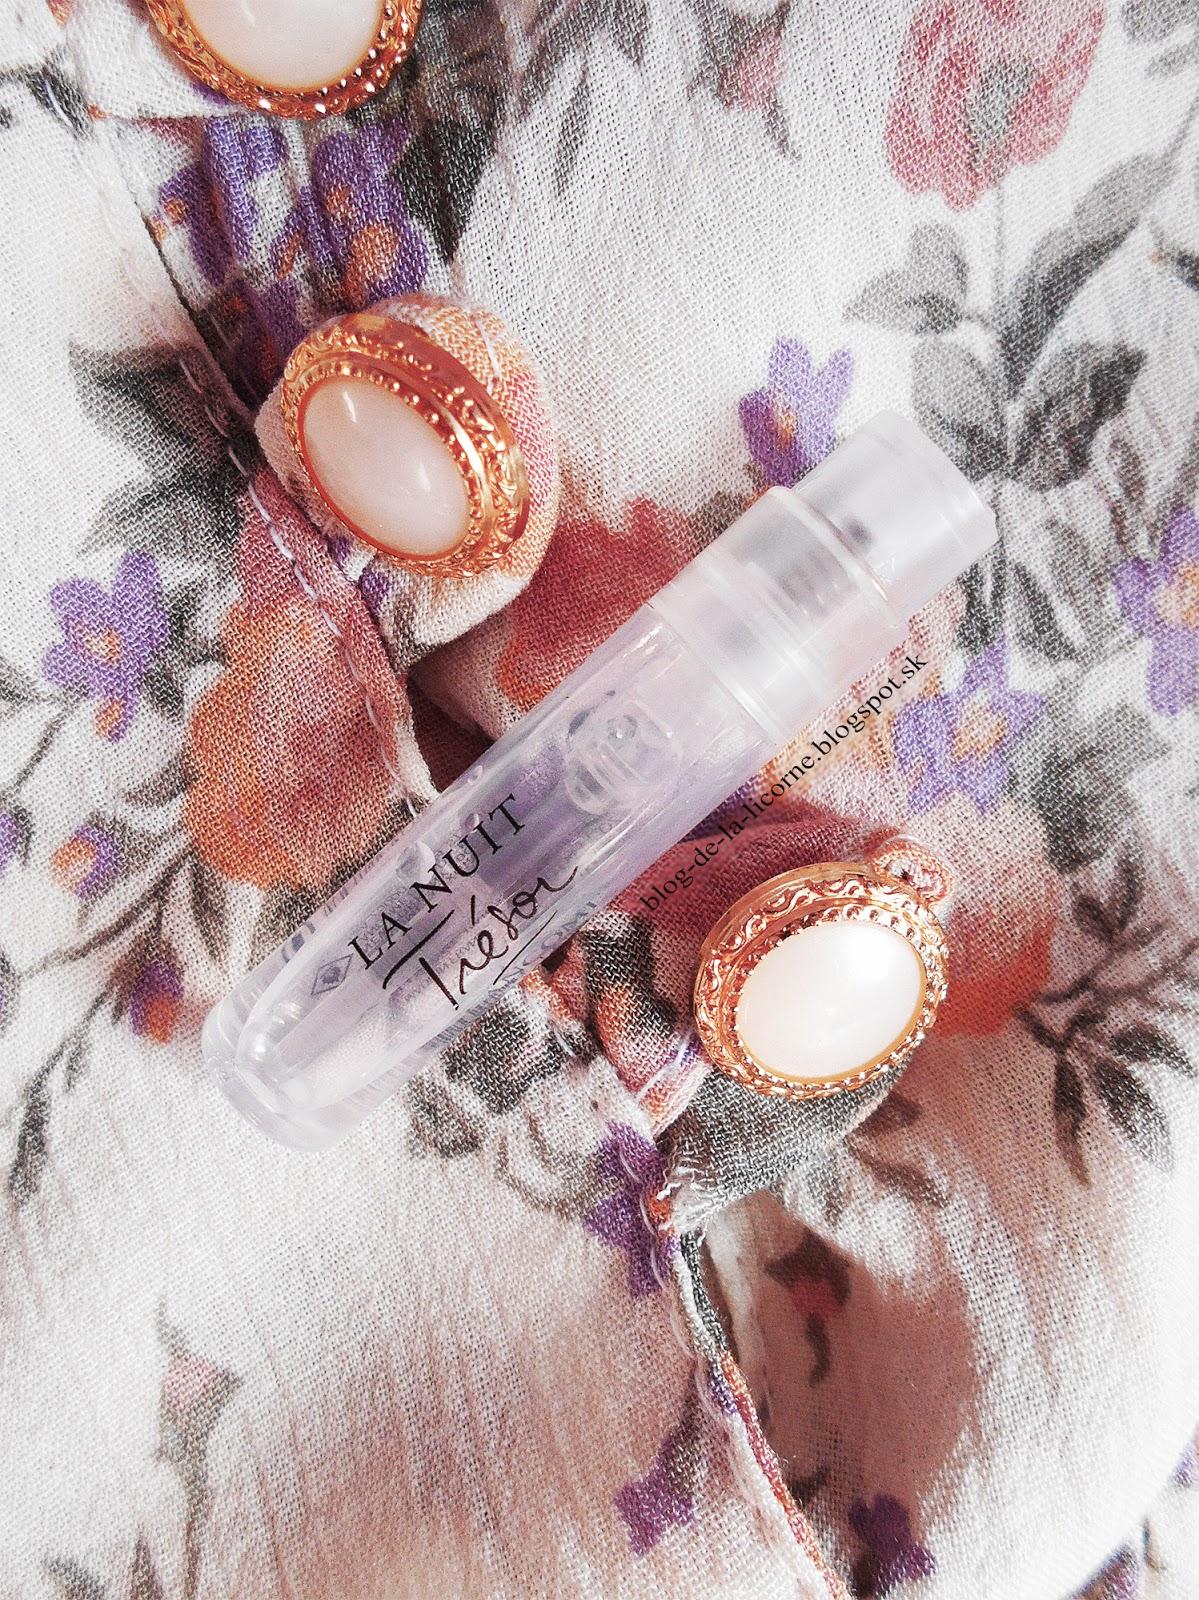 Lancôme La Nuit Trésor parfumovaná voda pre ženy recenzia Blog de la Licorne